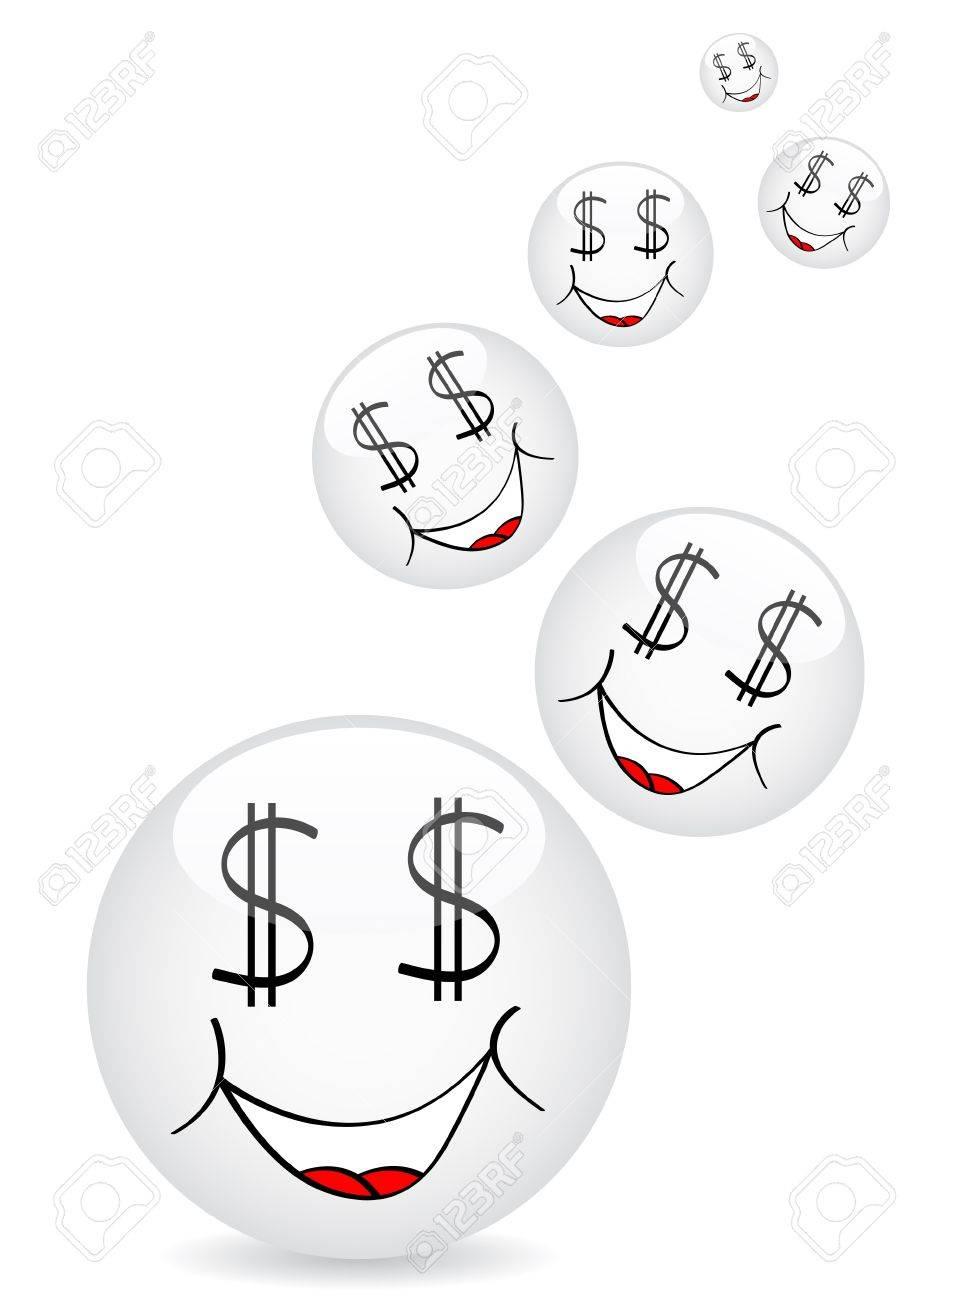 cartoon faces dollar icon Stock Vector - 10496609